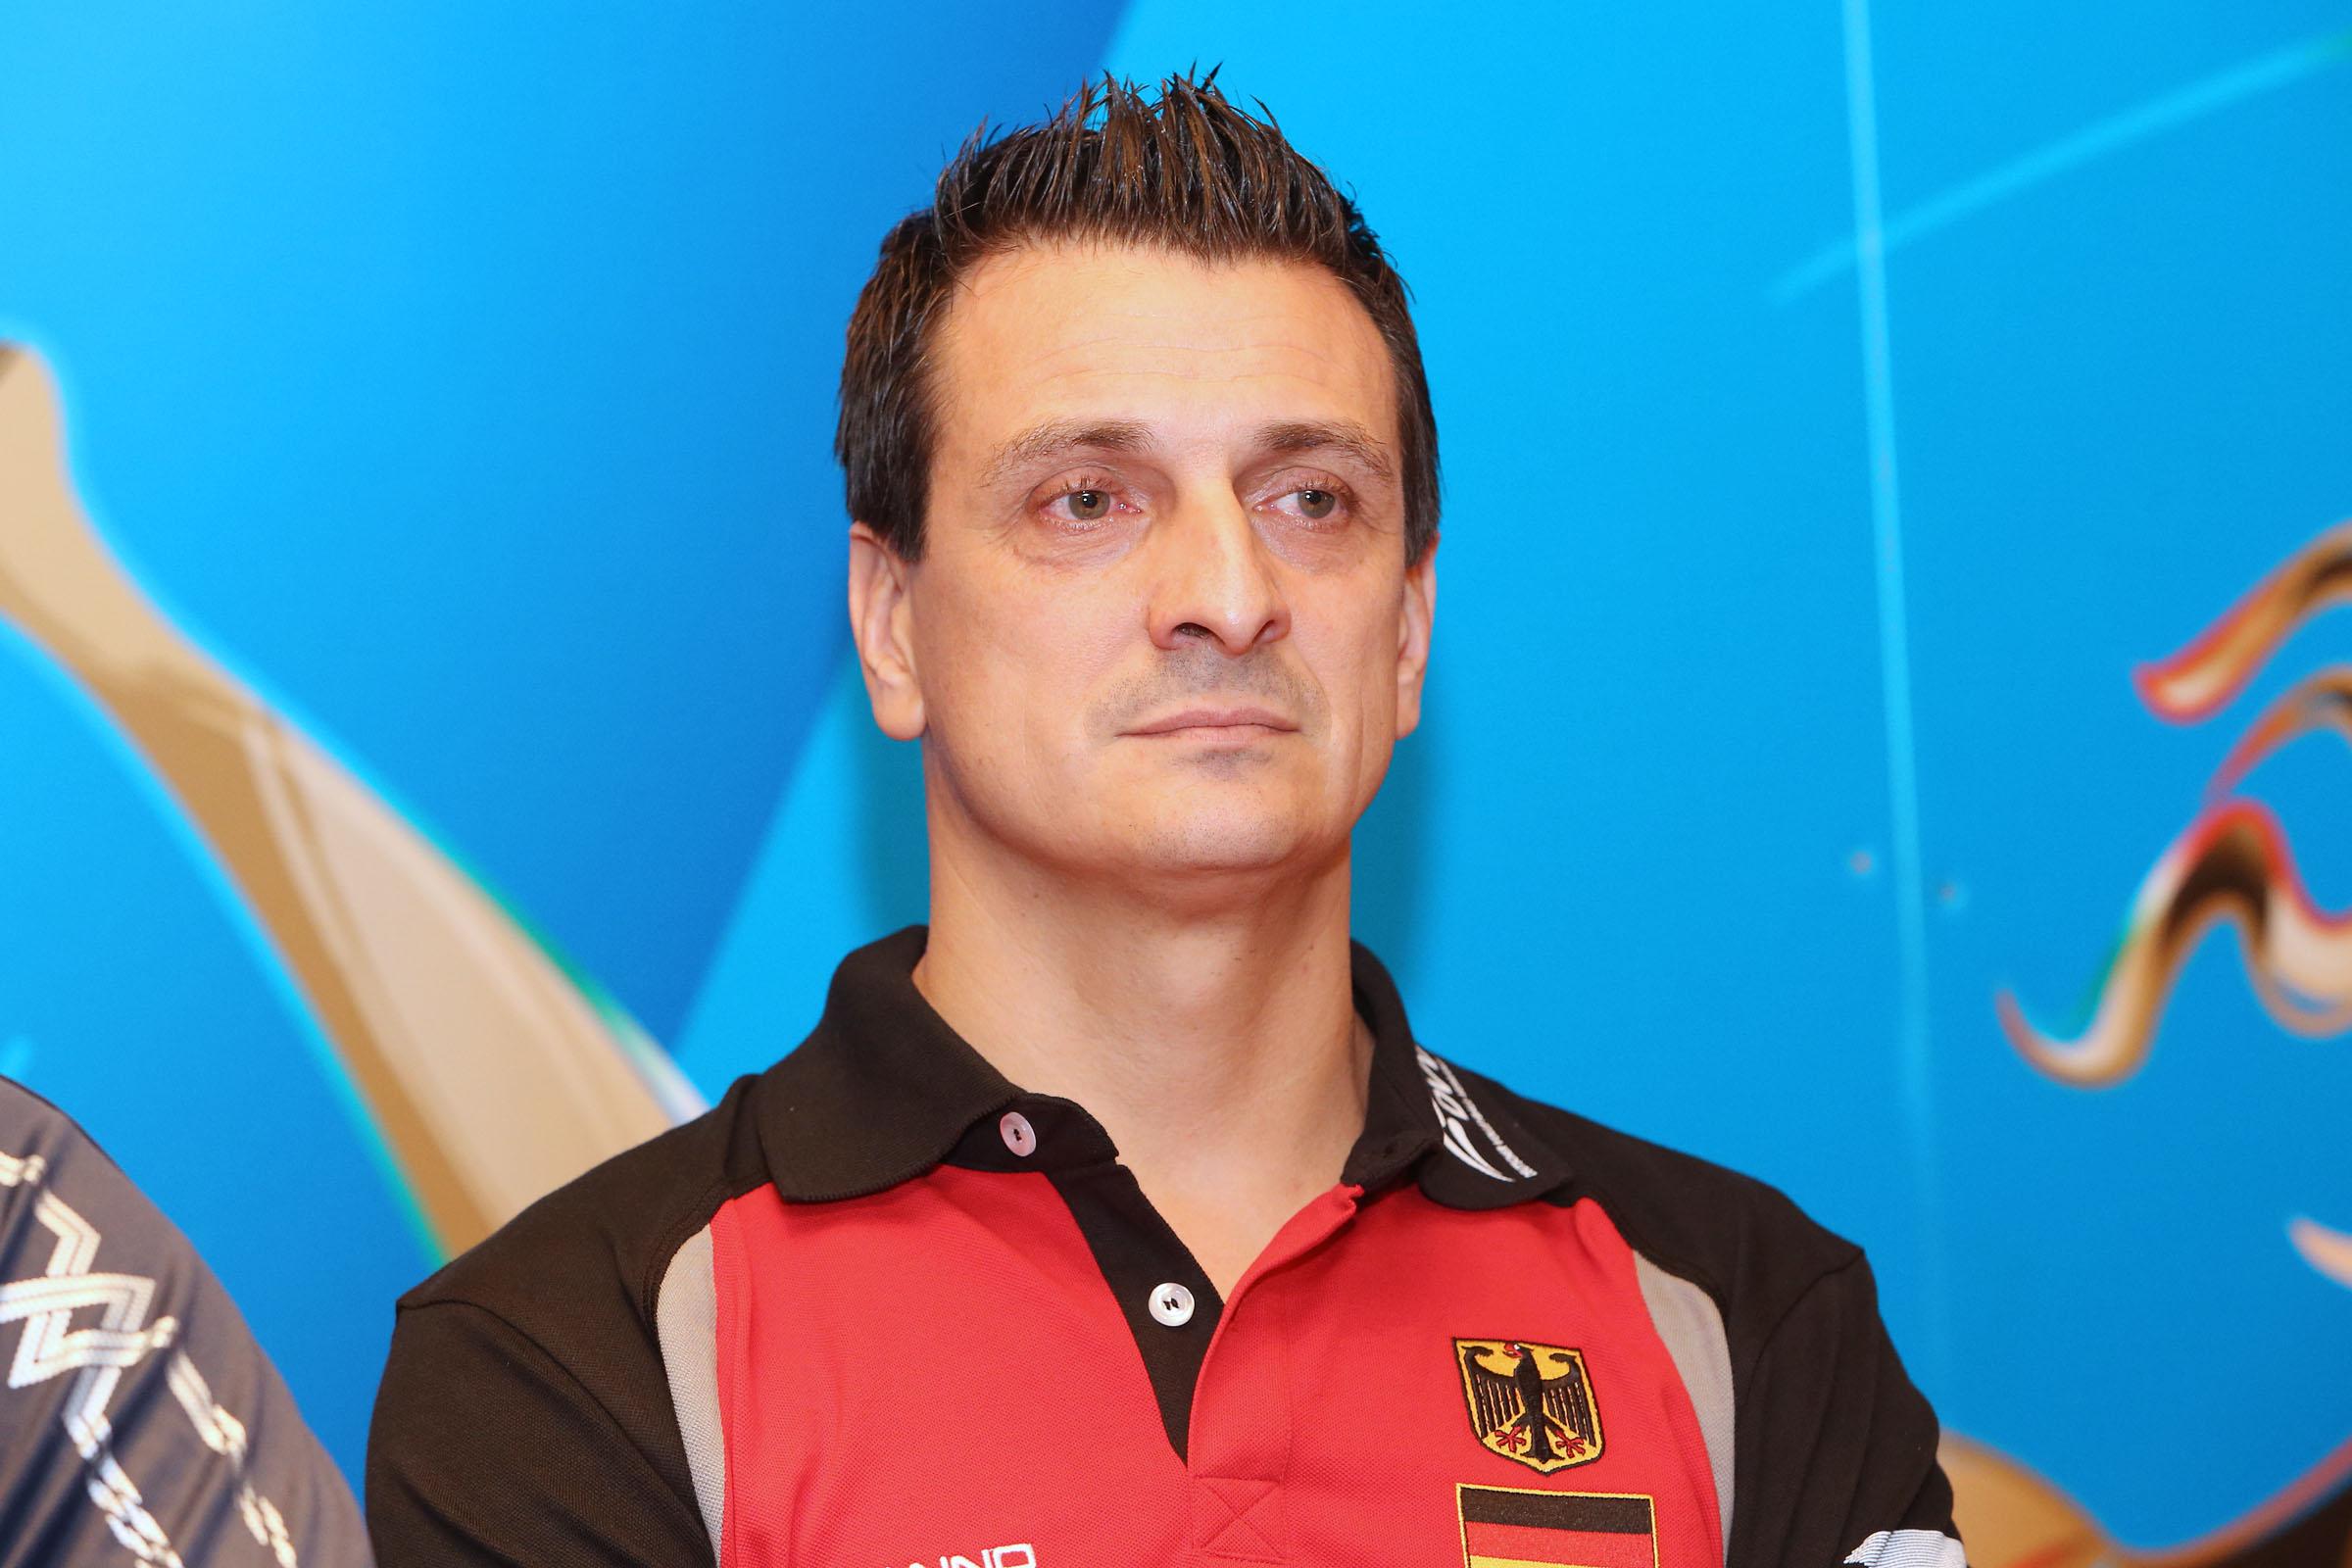 Mr. Guidetti, Giovanni